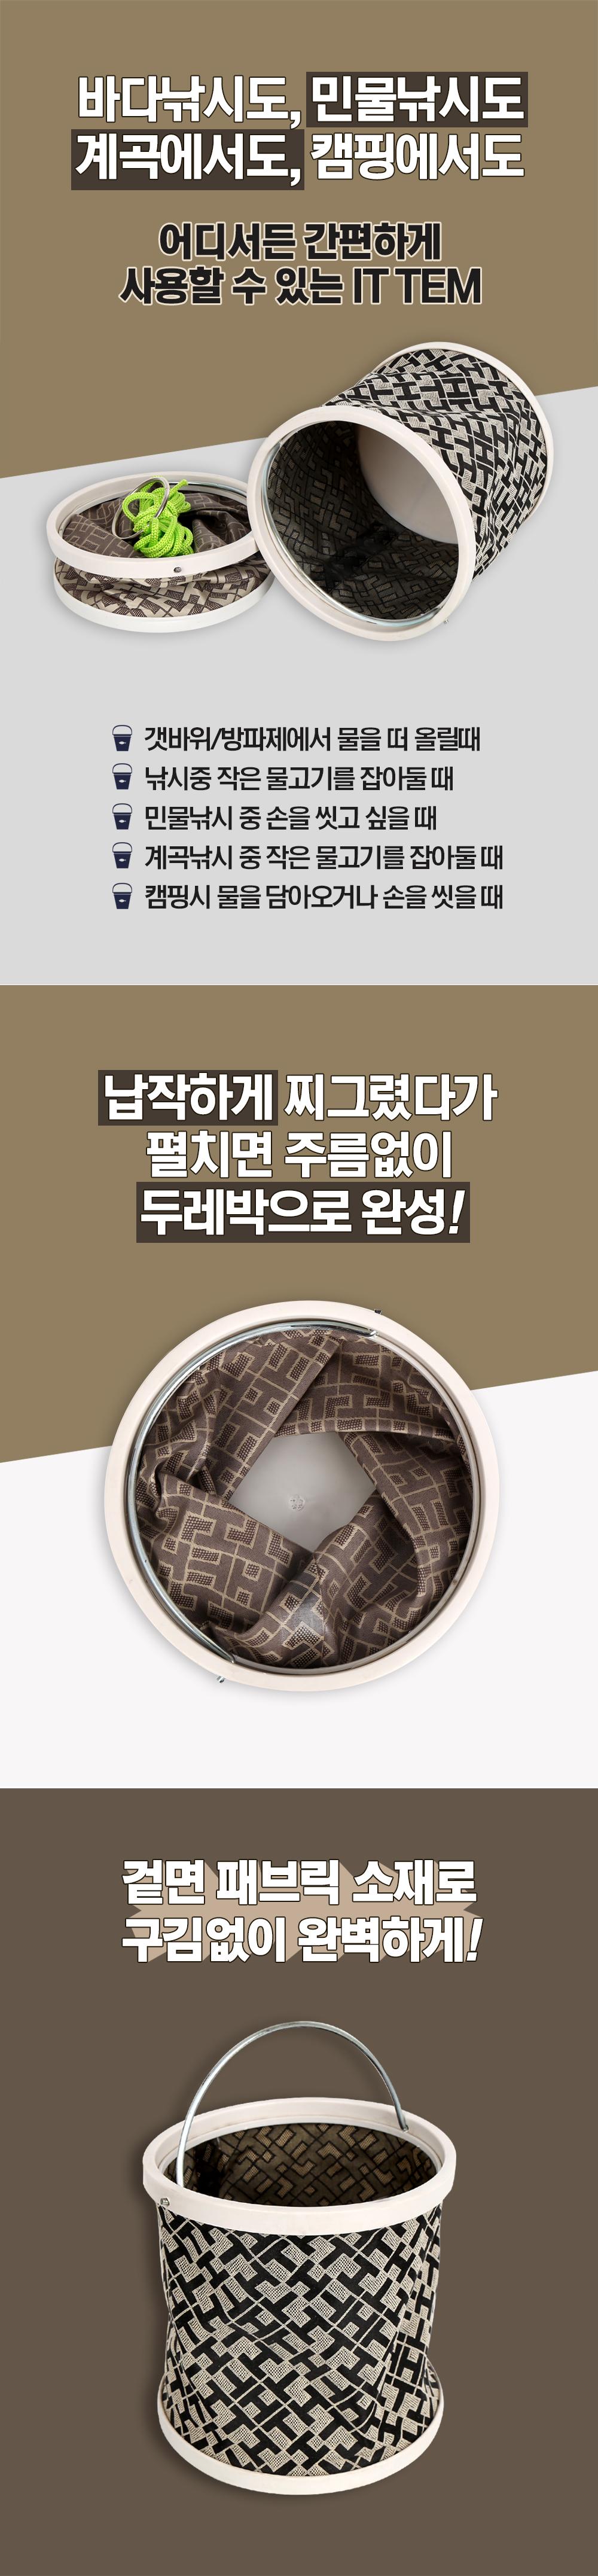 픽토리 패브릭 두레박 (로프+전용가방 포함) 두레박 물동이 뚜레박 두래박 뚜래박 천두레박 물바가지 물그릇